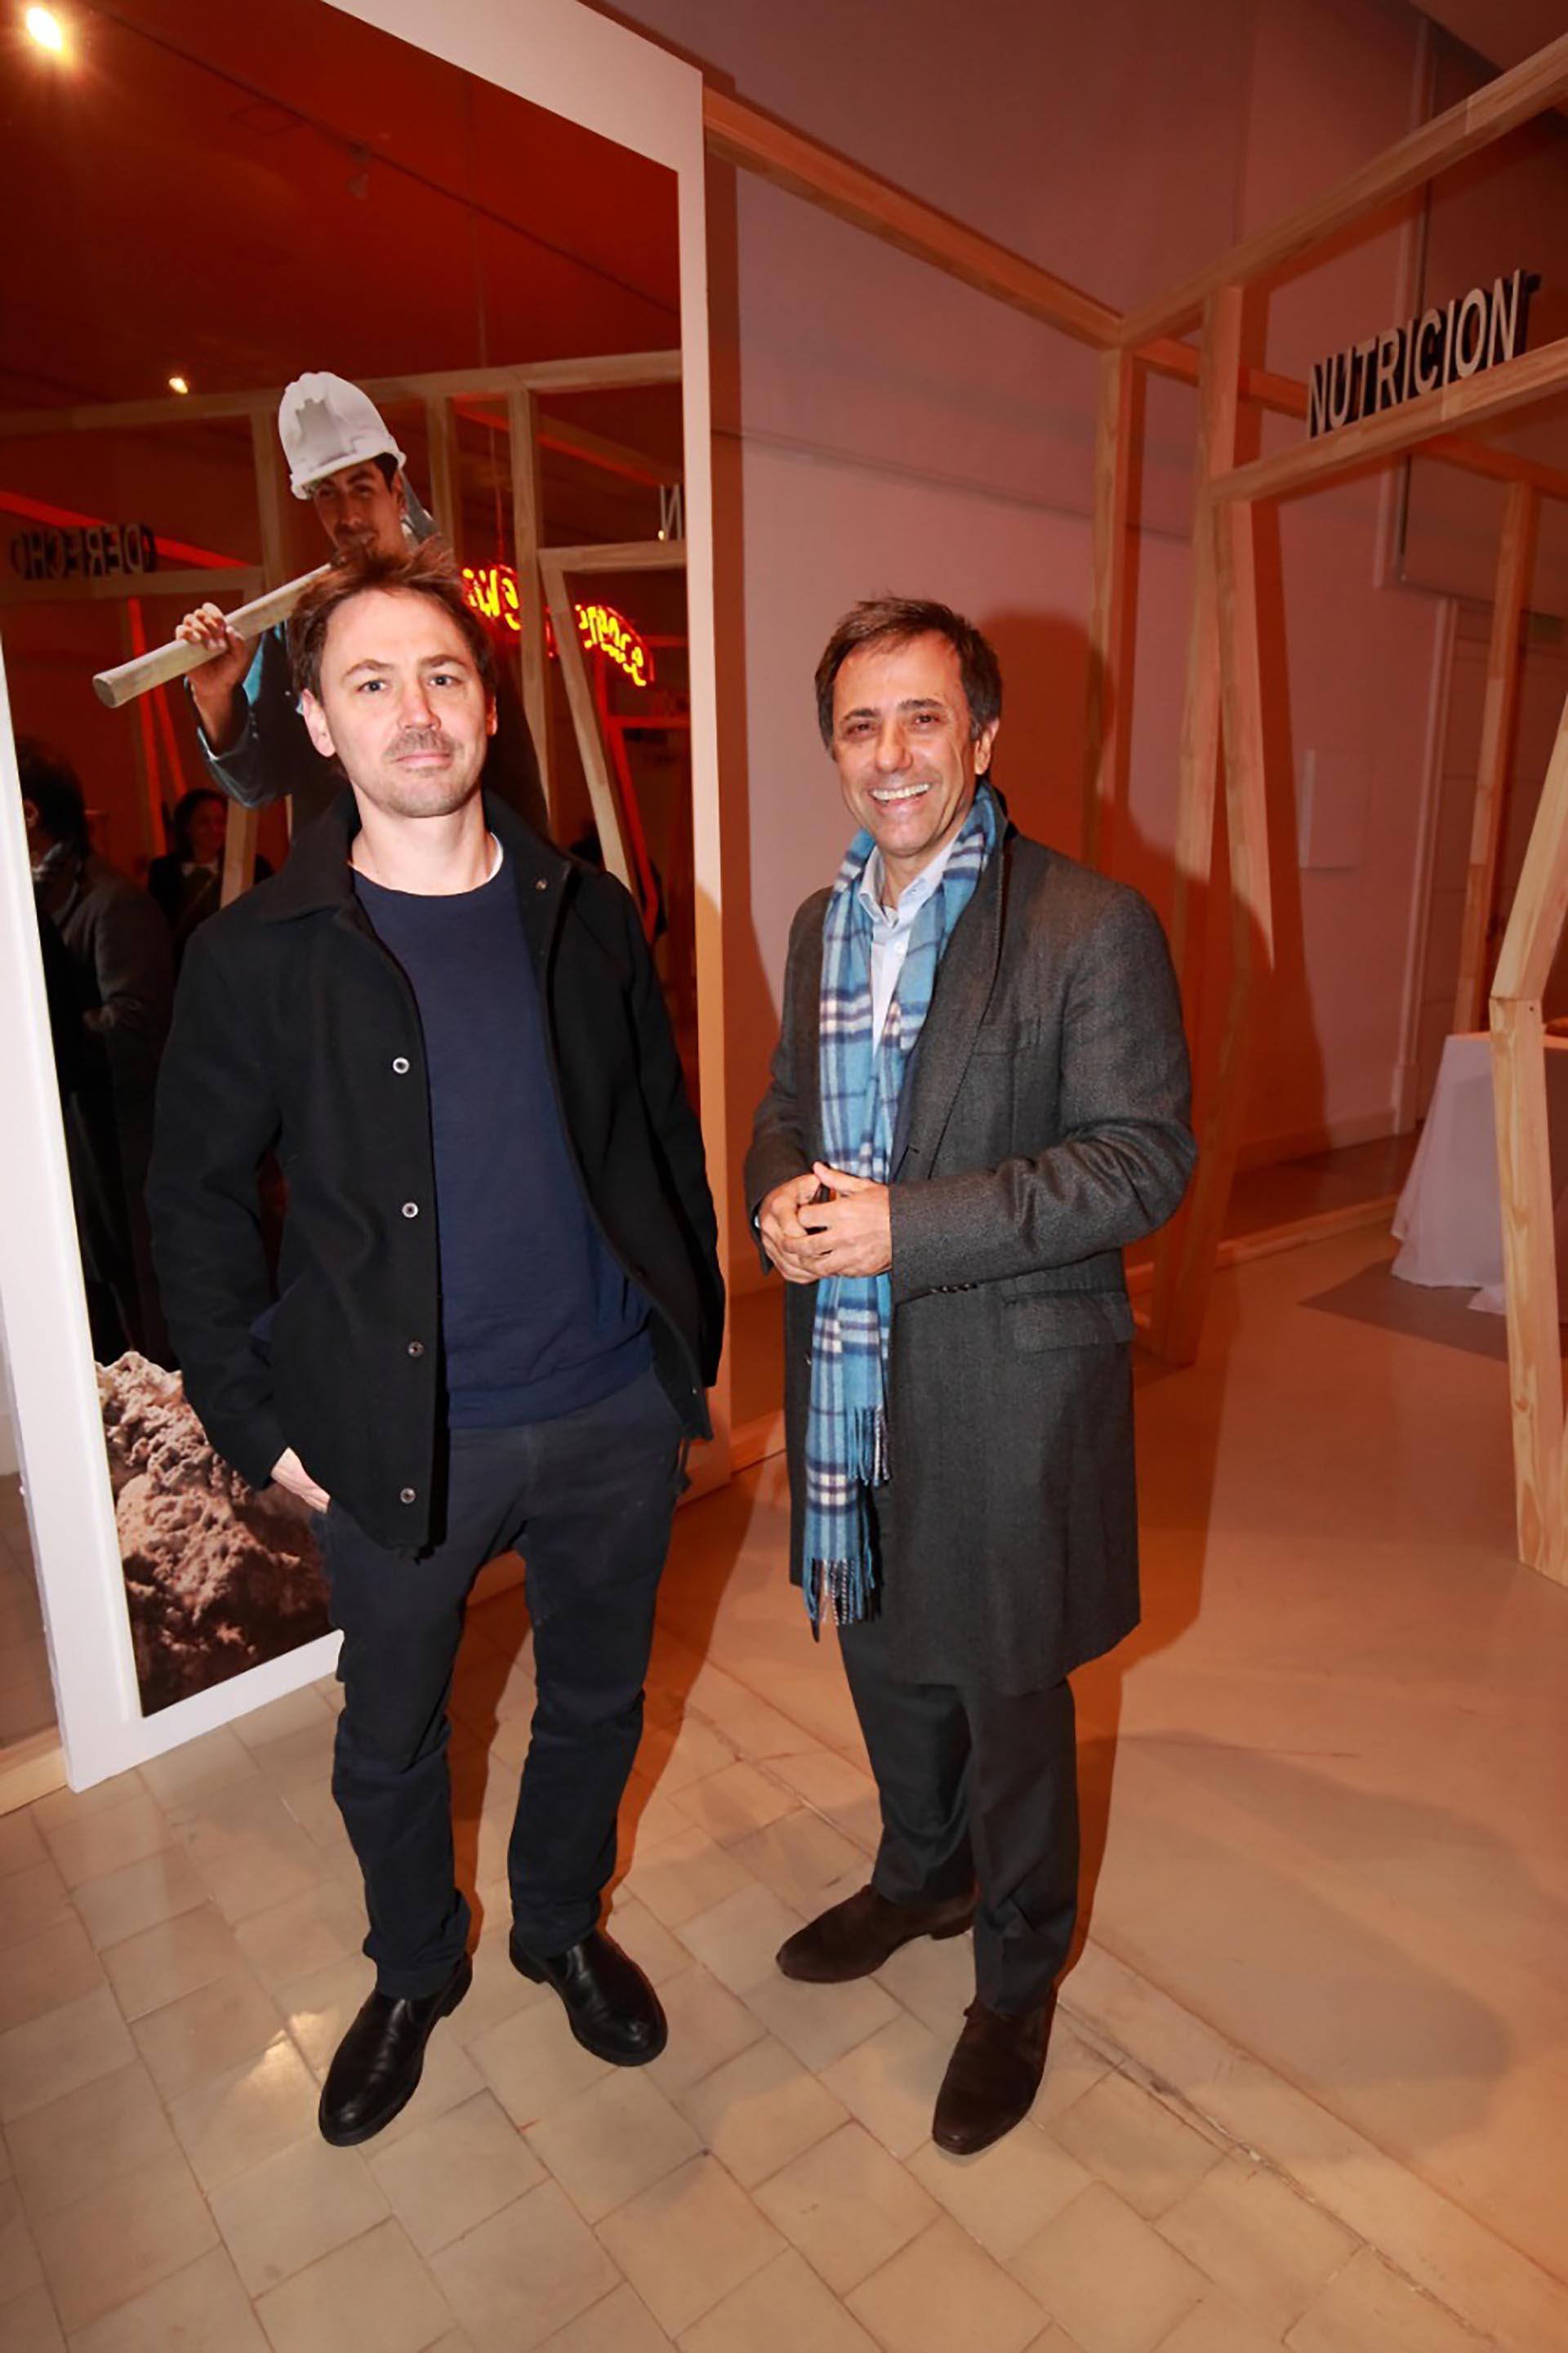 El artista Eduardo Basualdo y el empresario Claudio Stamato